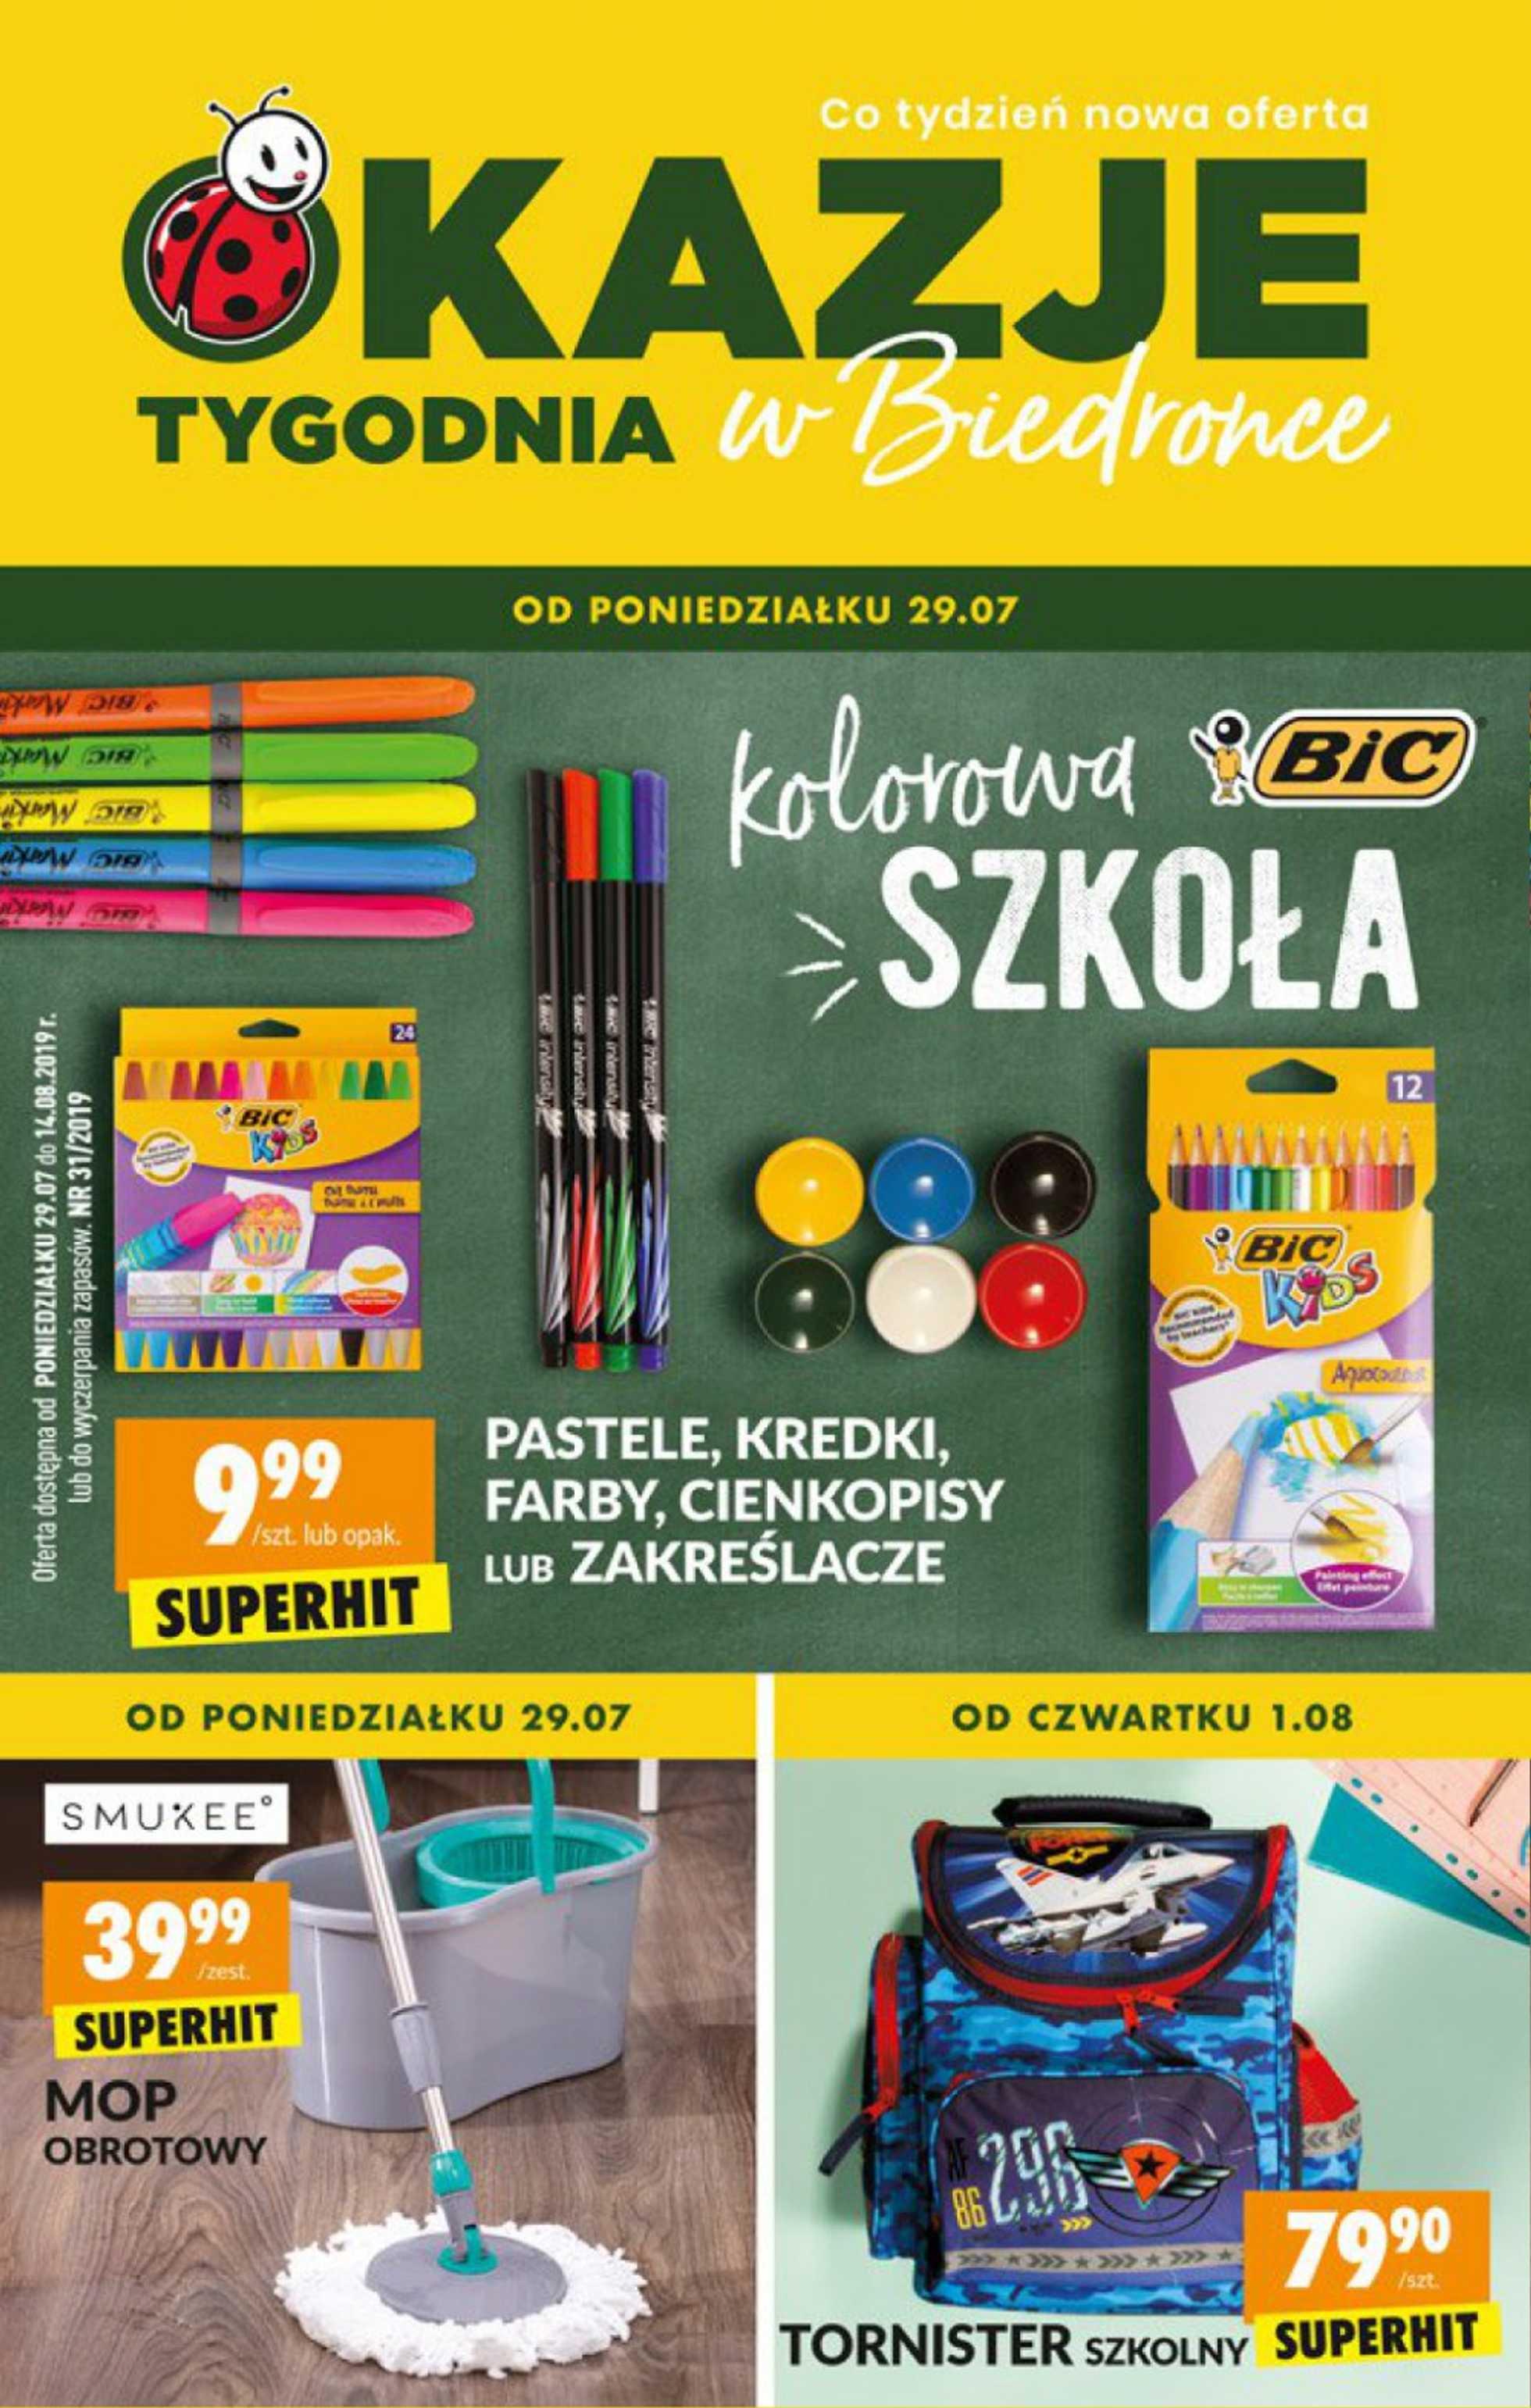 Biedronka - gazetka promocyjna ważna od 29.07.2019 do 14.08.2019 - strona 1.